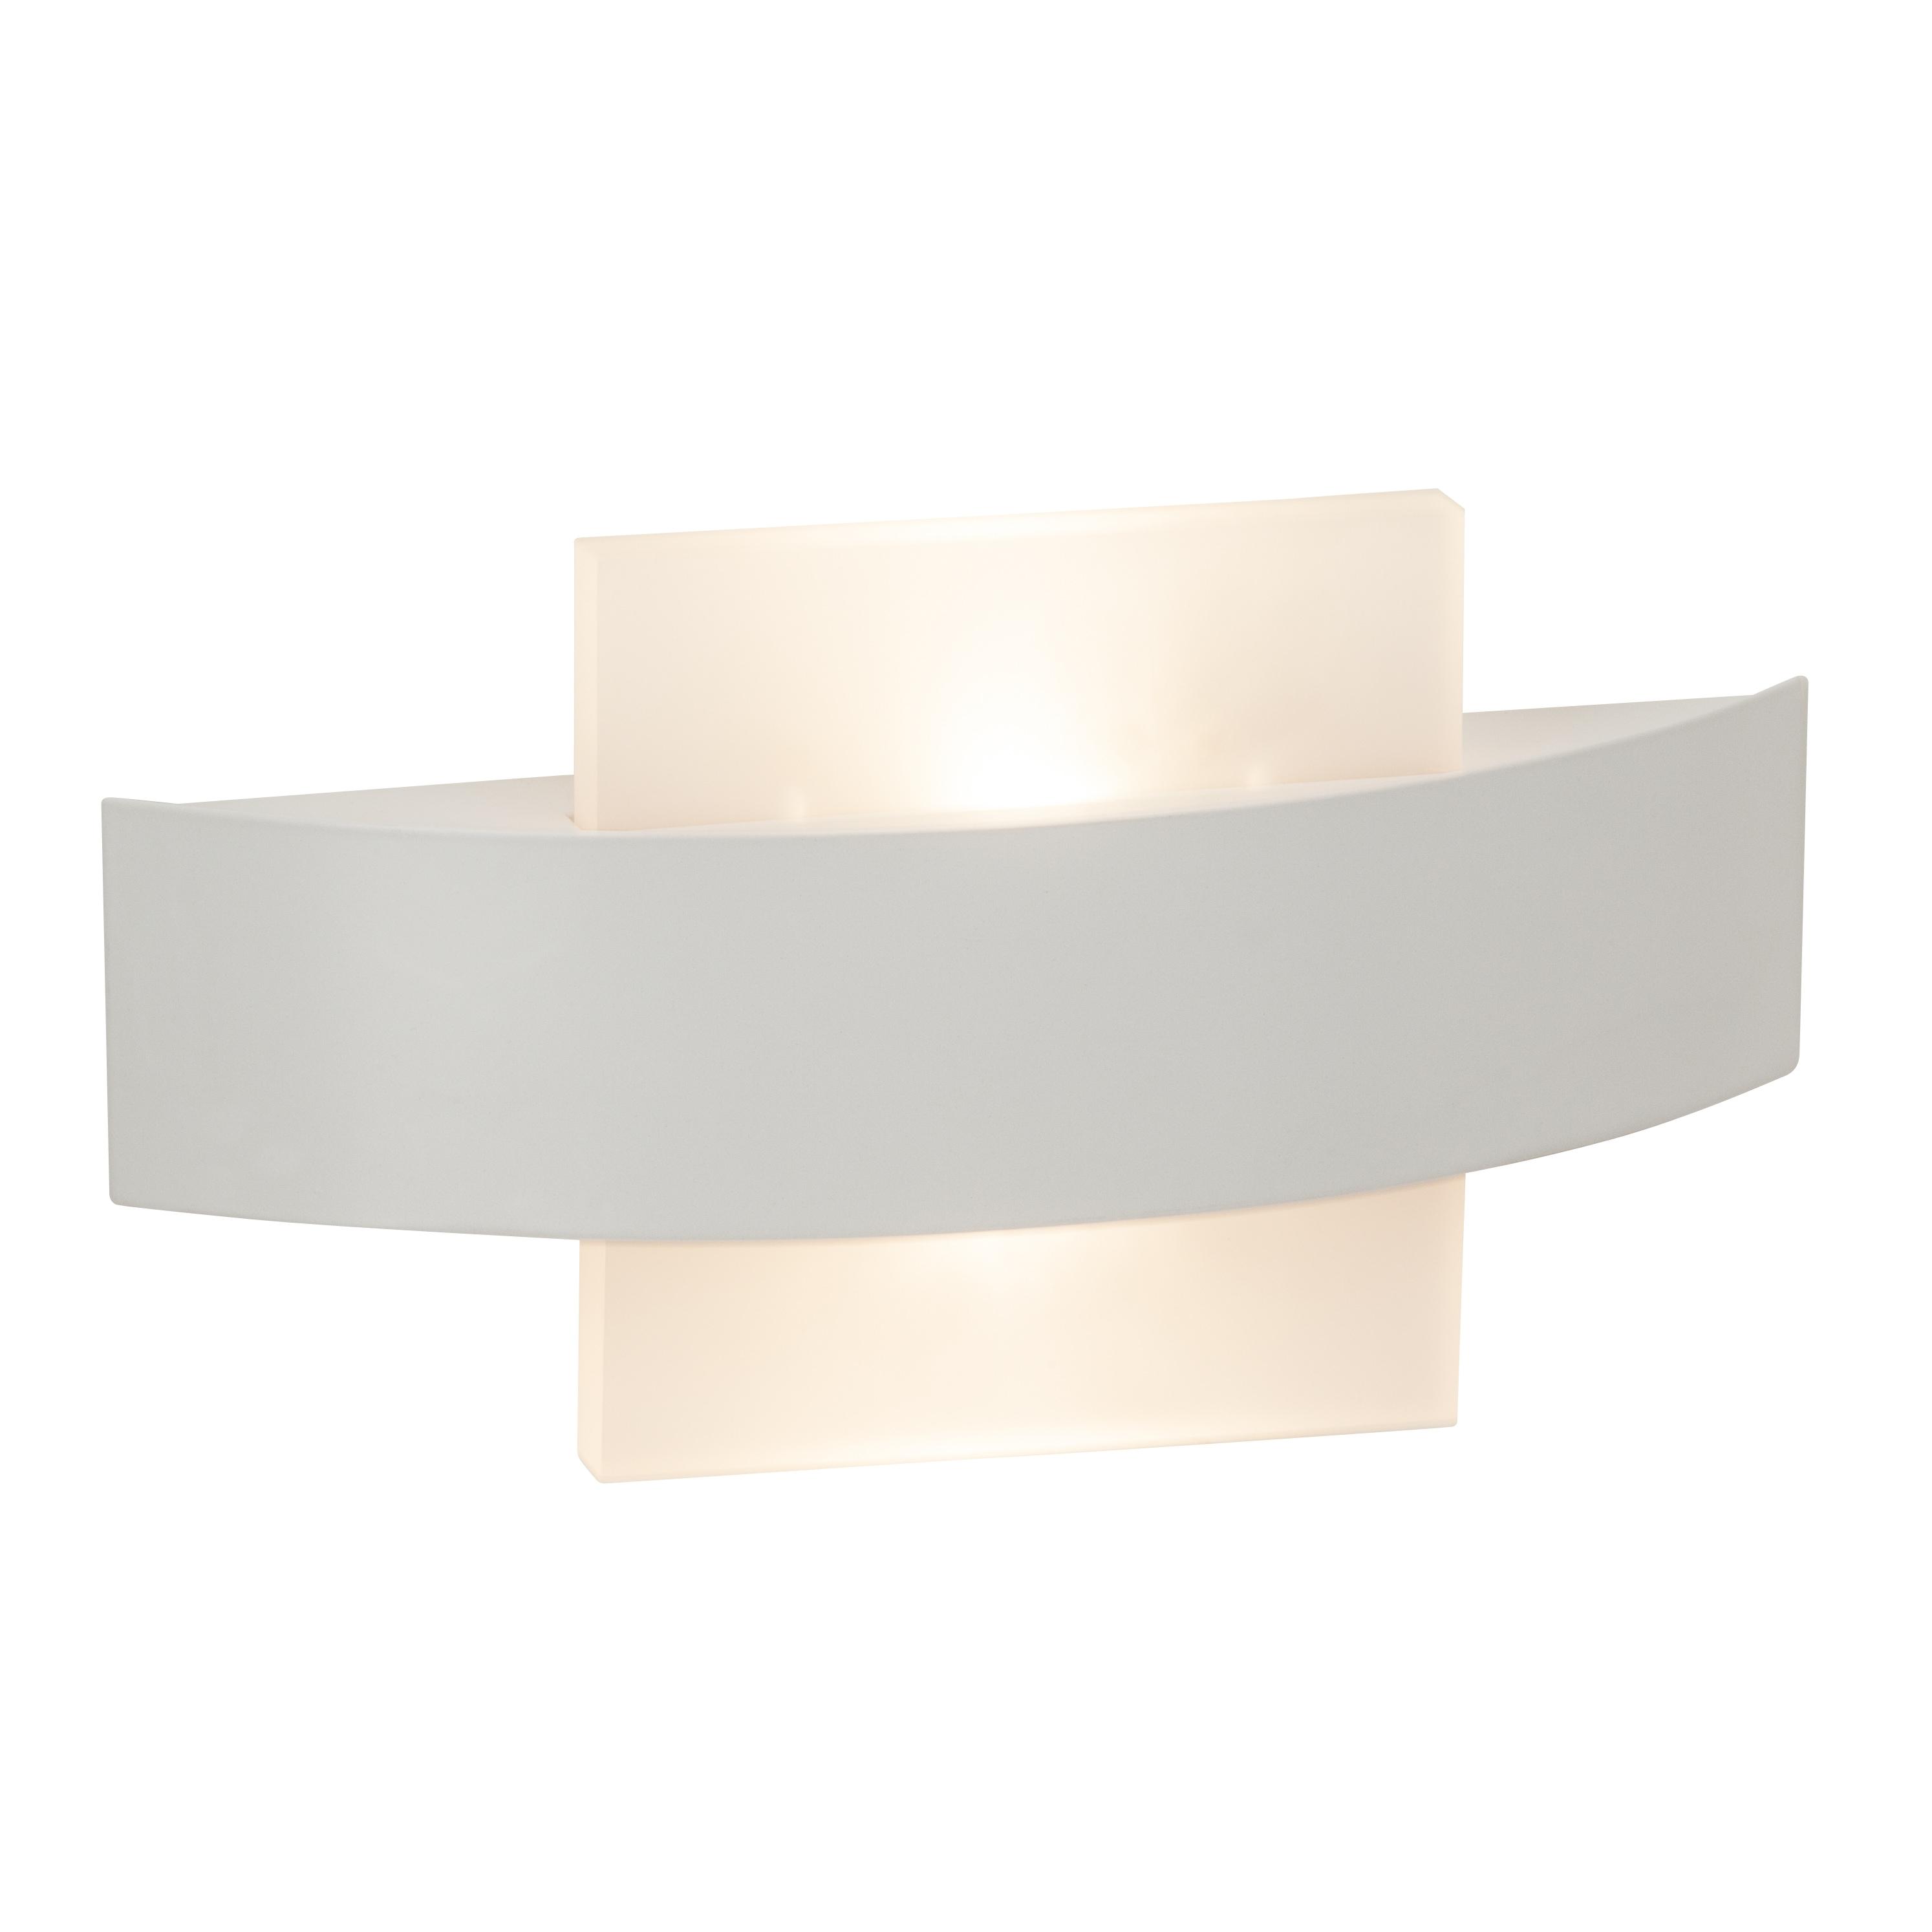 Brilliant Leuchten Solution LED Wandleuchte 26cm quadratisch weiß